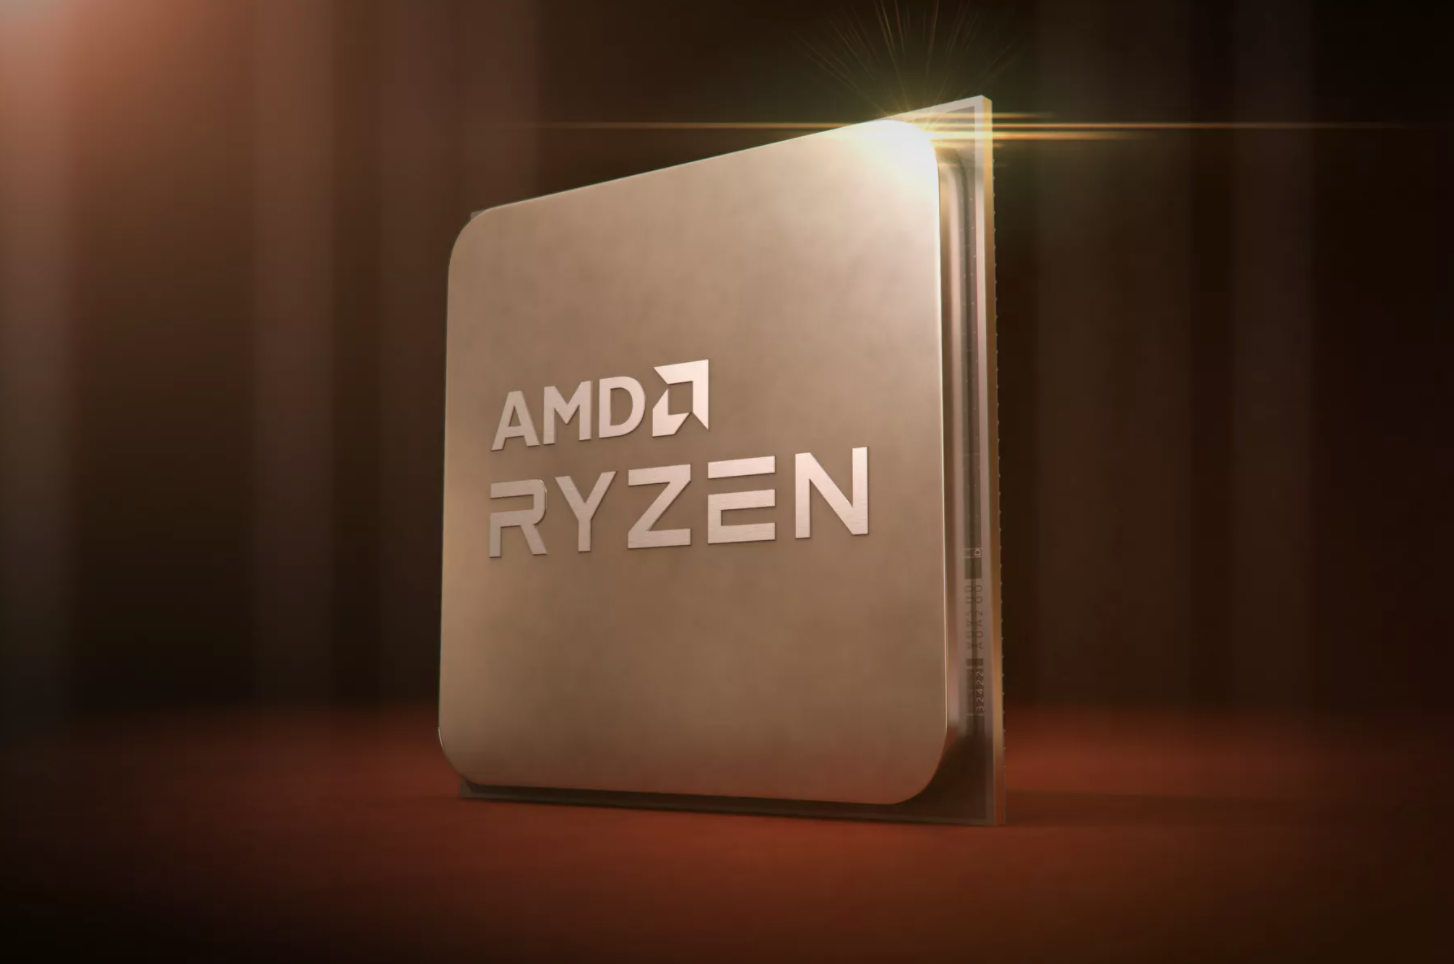 Hãng sản xuất chip AMD tăng lợi nhuận kỷ lục